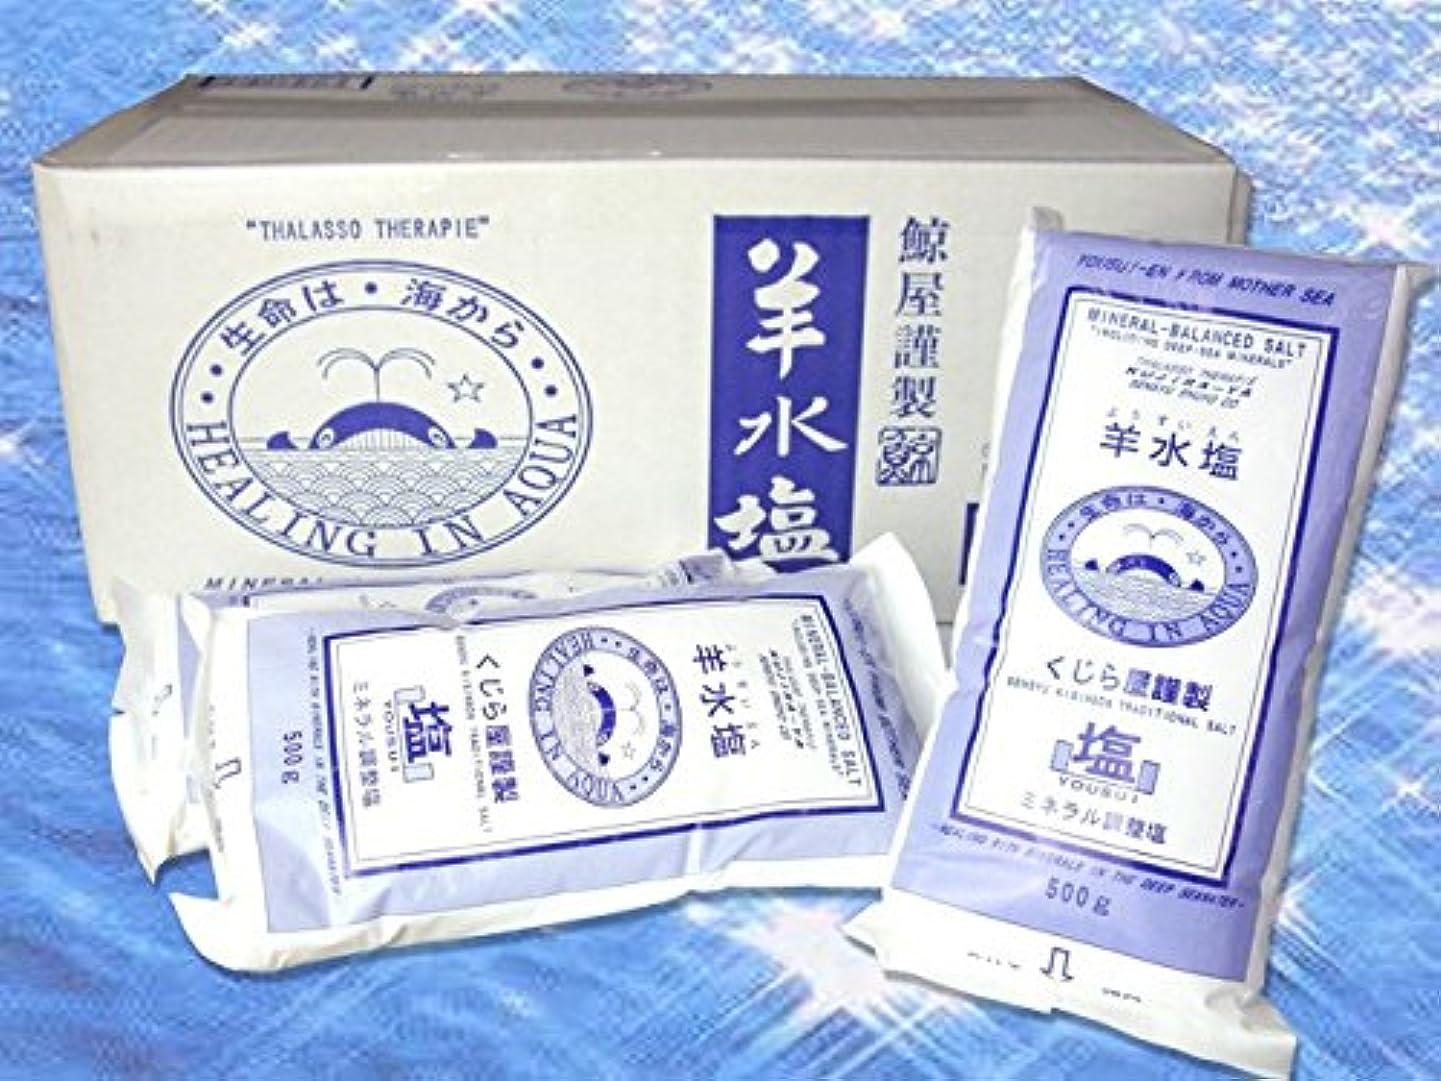 レシピ夢中のり美容 入浴剤 羊水塩 500g×20袋 ミネラルや海洋深層水イオン等を人体液と同様に配合 ミネラル調整塩